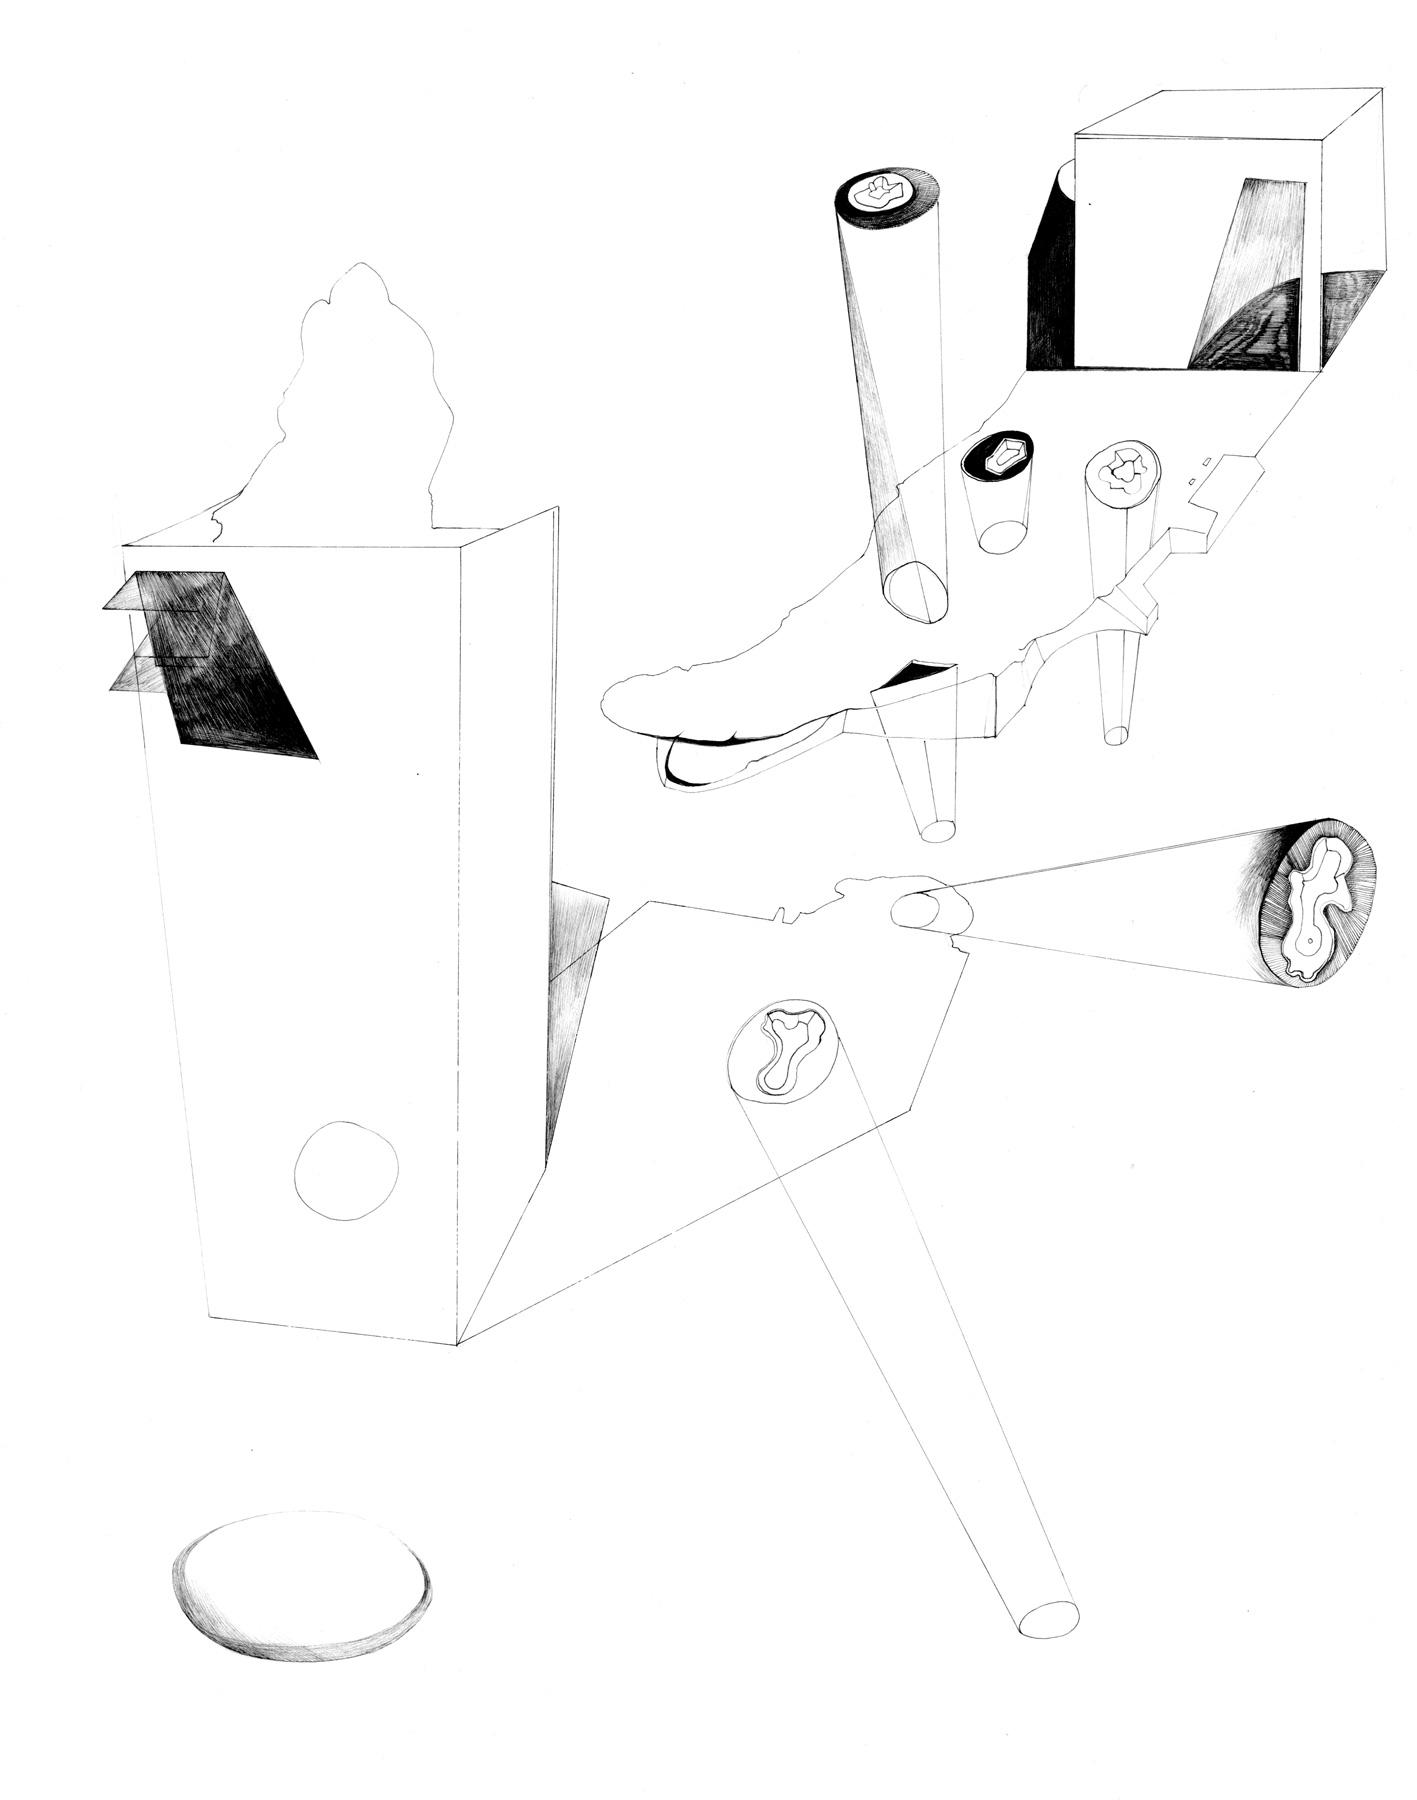 Nina Annabelle Märkl | Skulpturale Expansionen 3 | Tusche und Bleistift auf Papier | 35,5 x 28 cm | 2018